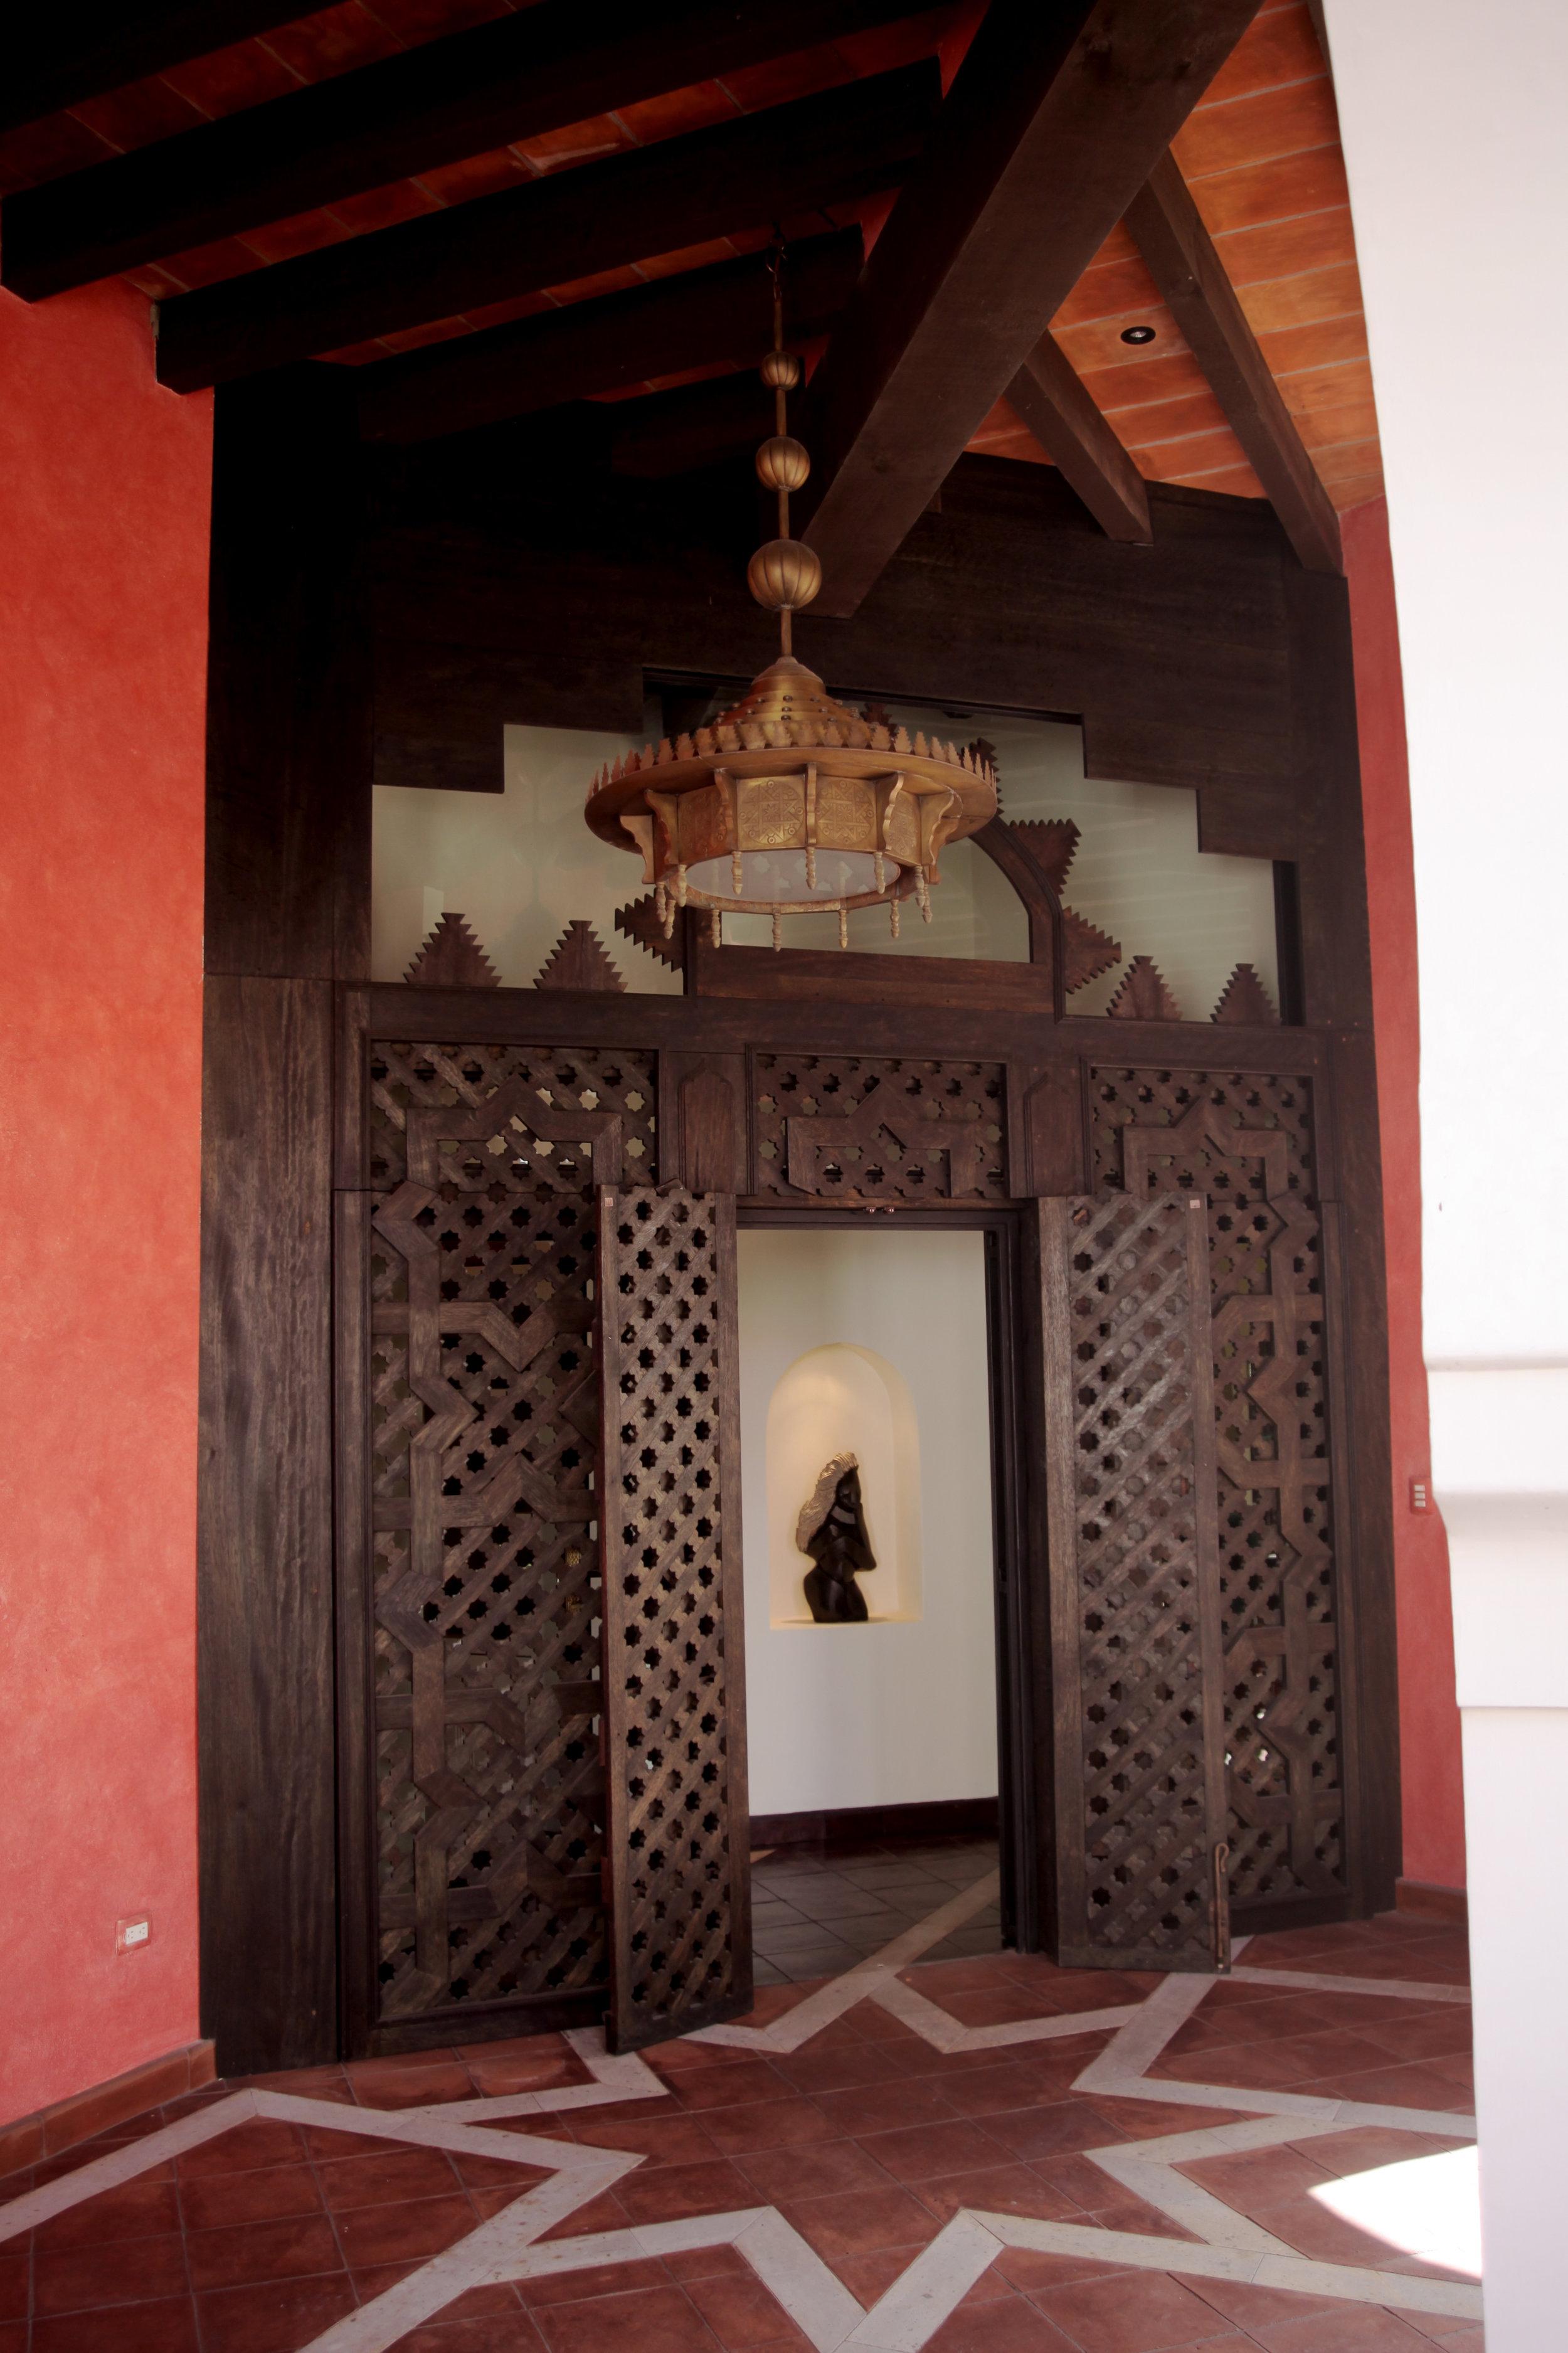 QUINN RESIDENCE, MASHRABIYA